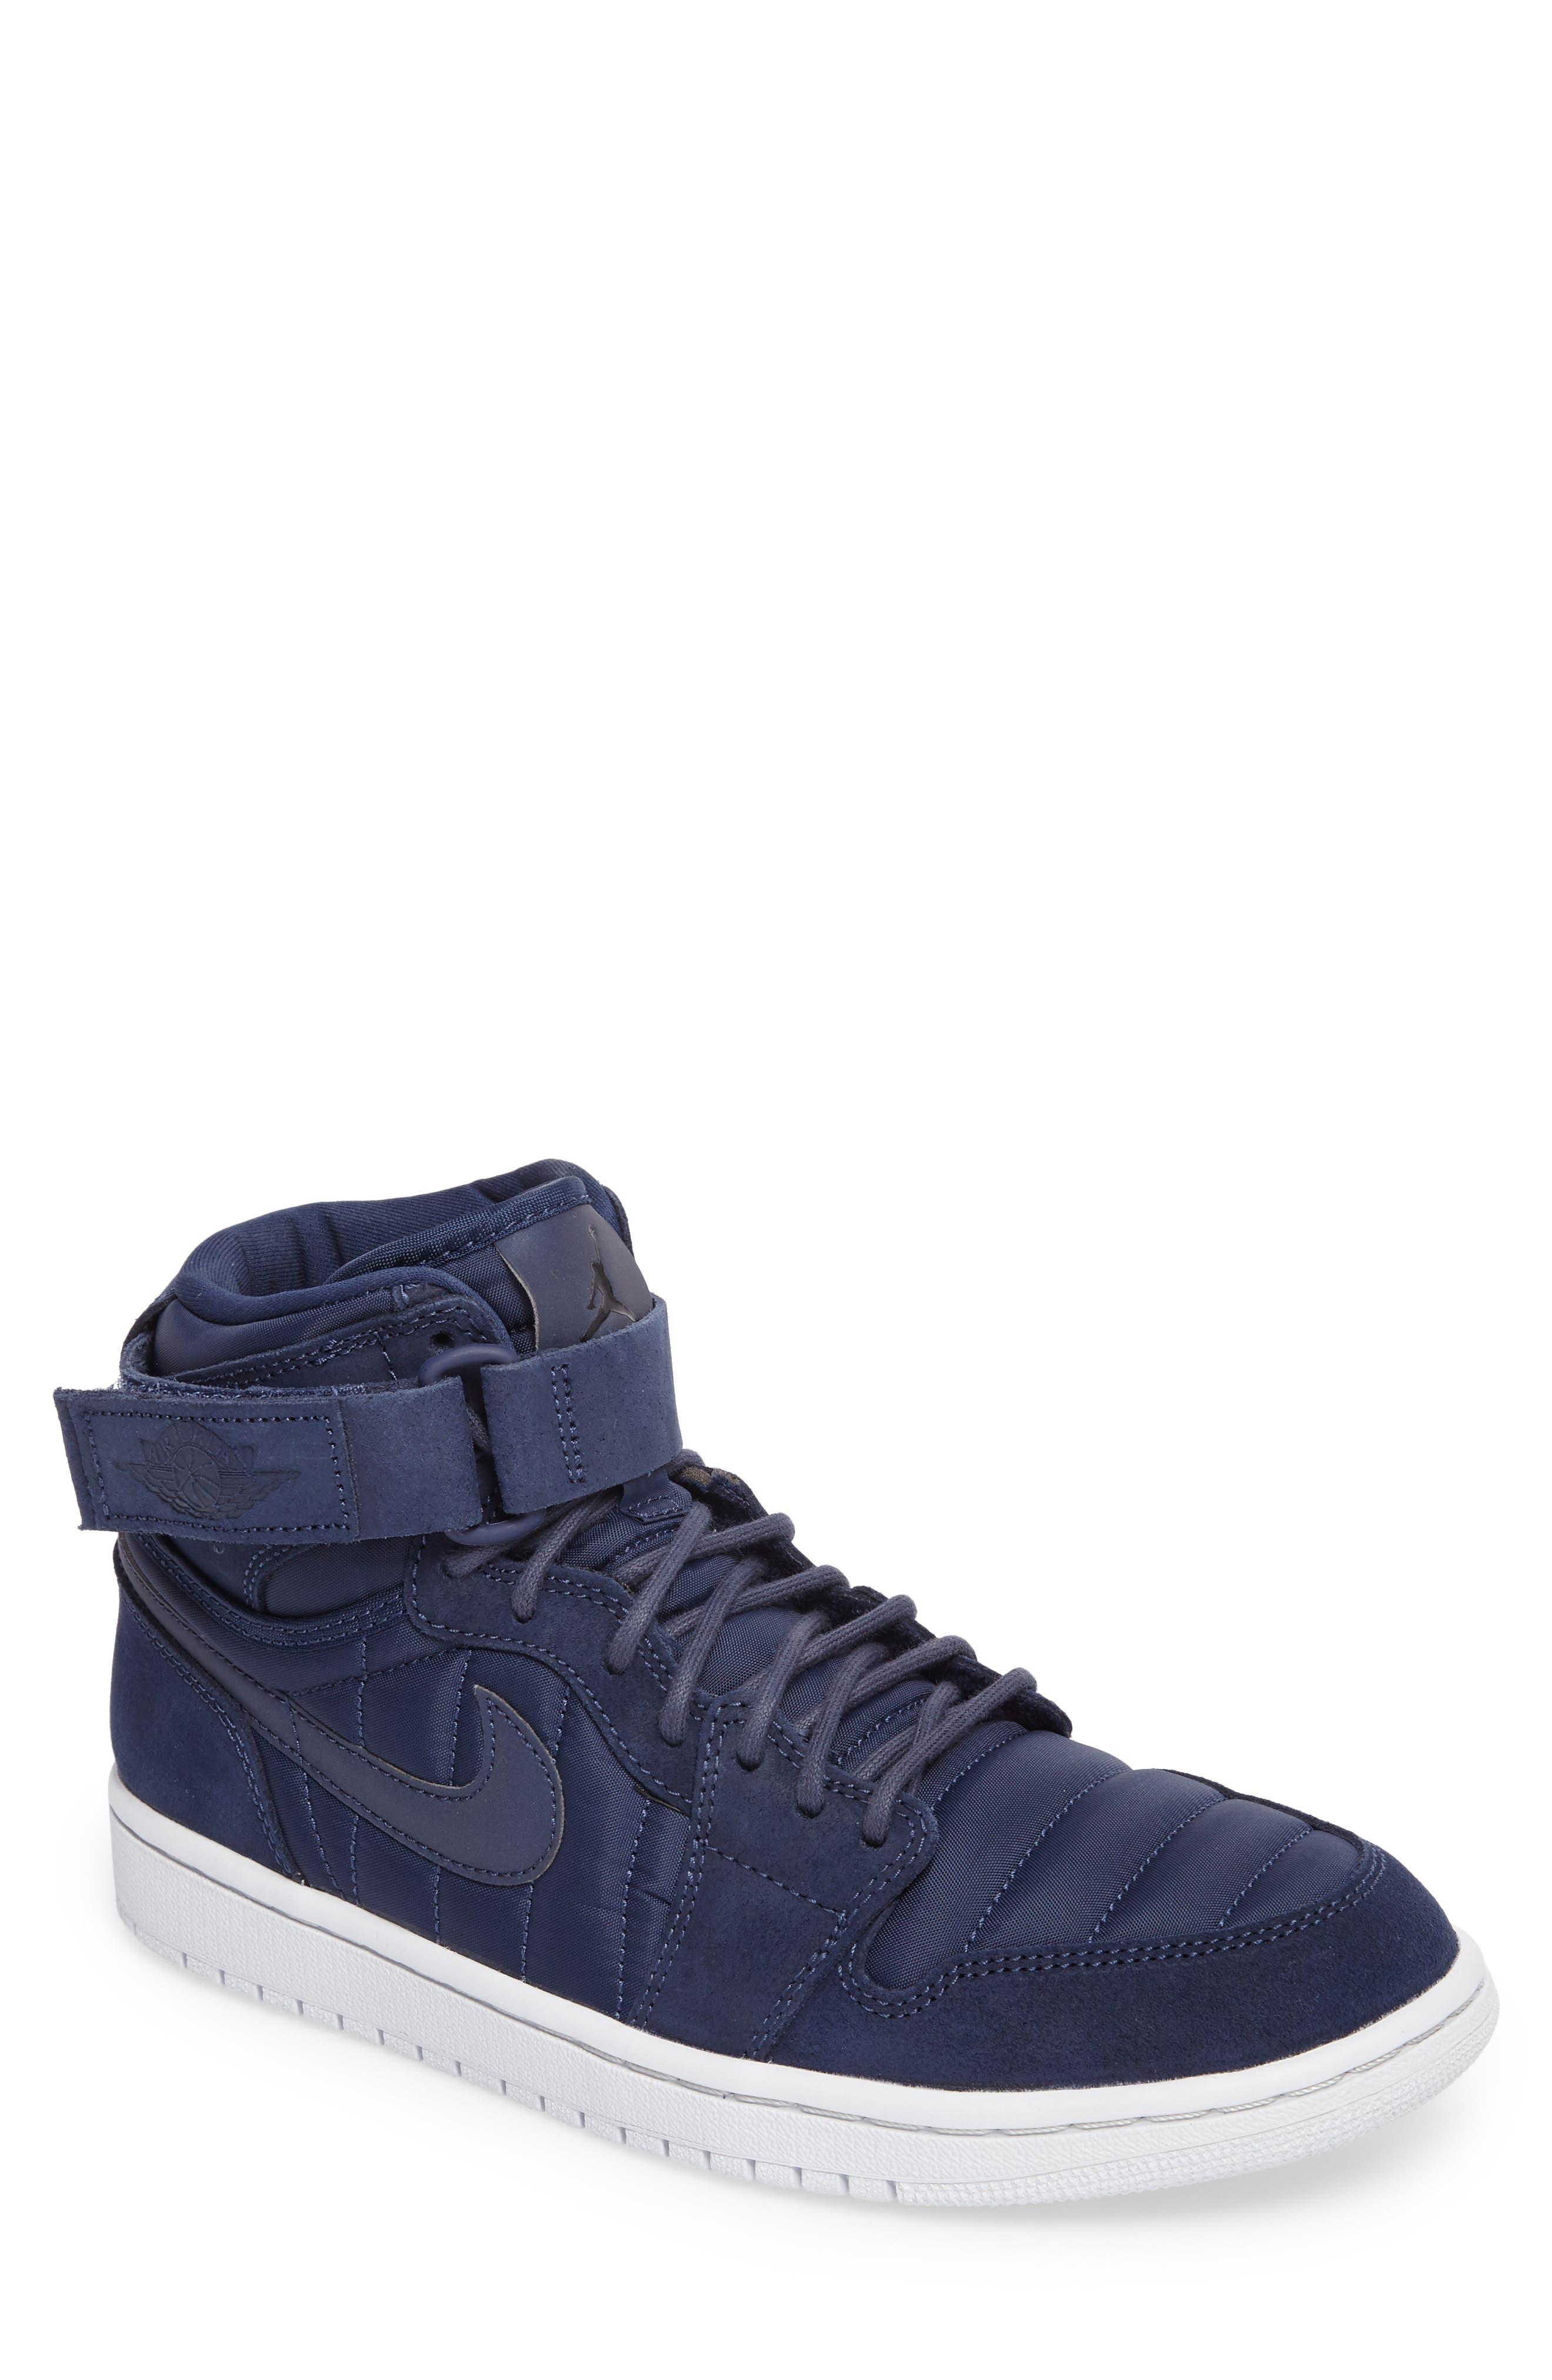 Alternate Image 1 Selected - Nike Air Jordan 1 Sneaker (Men)